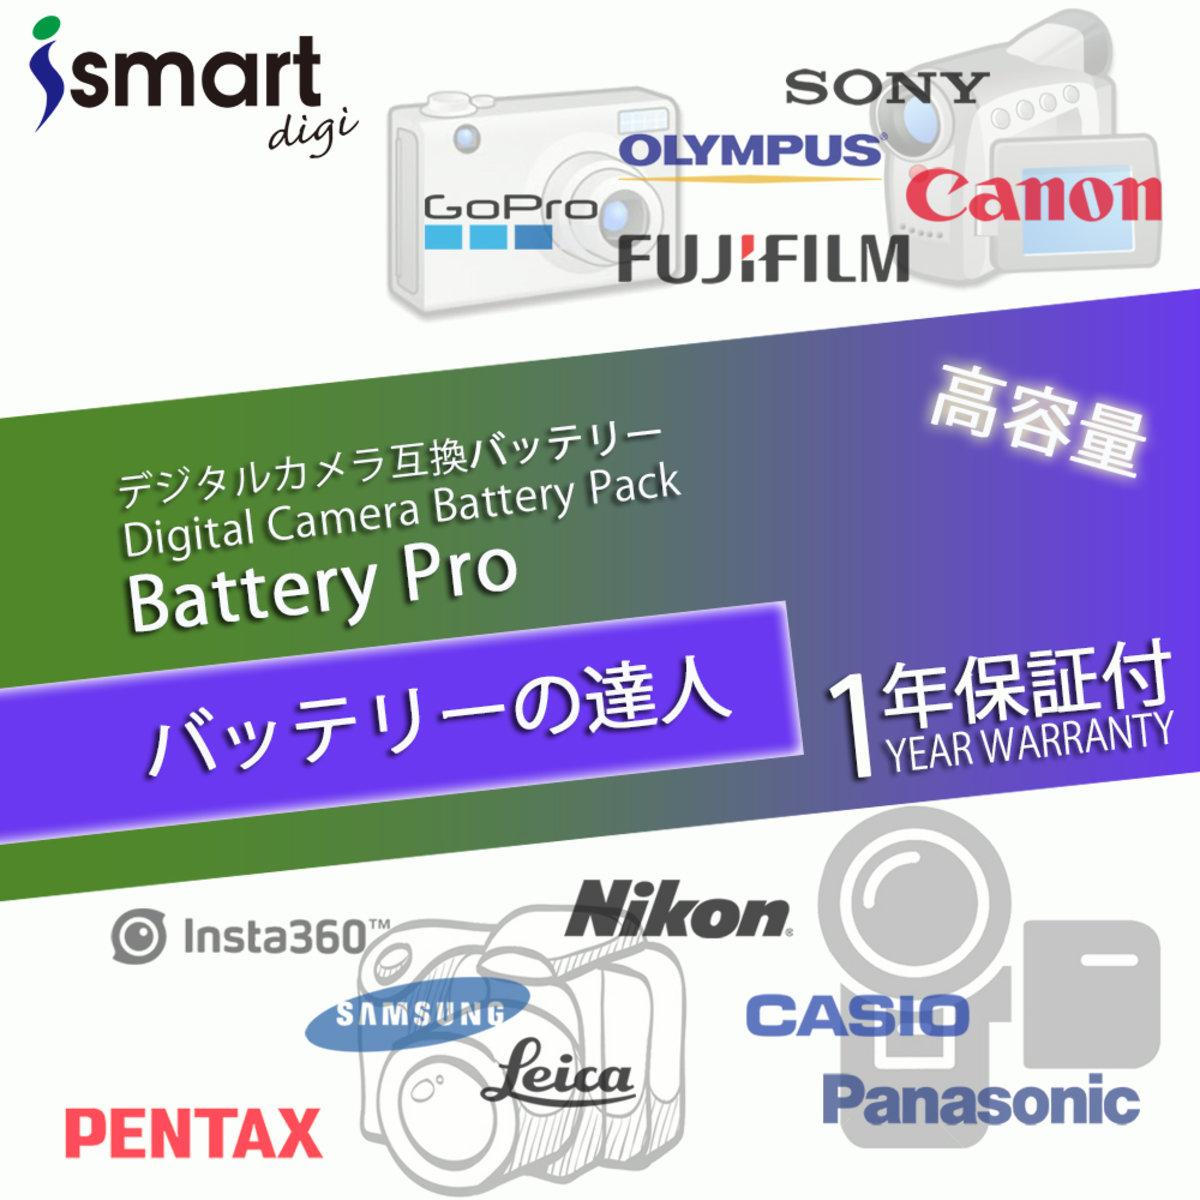 佳能數碼相機電池(適合: G7X,G5X,G9X,SX620 HS,SX720 HS,G7 X Mark II)